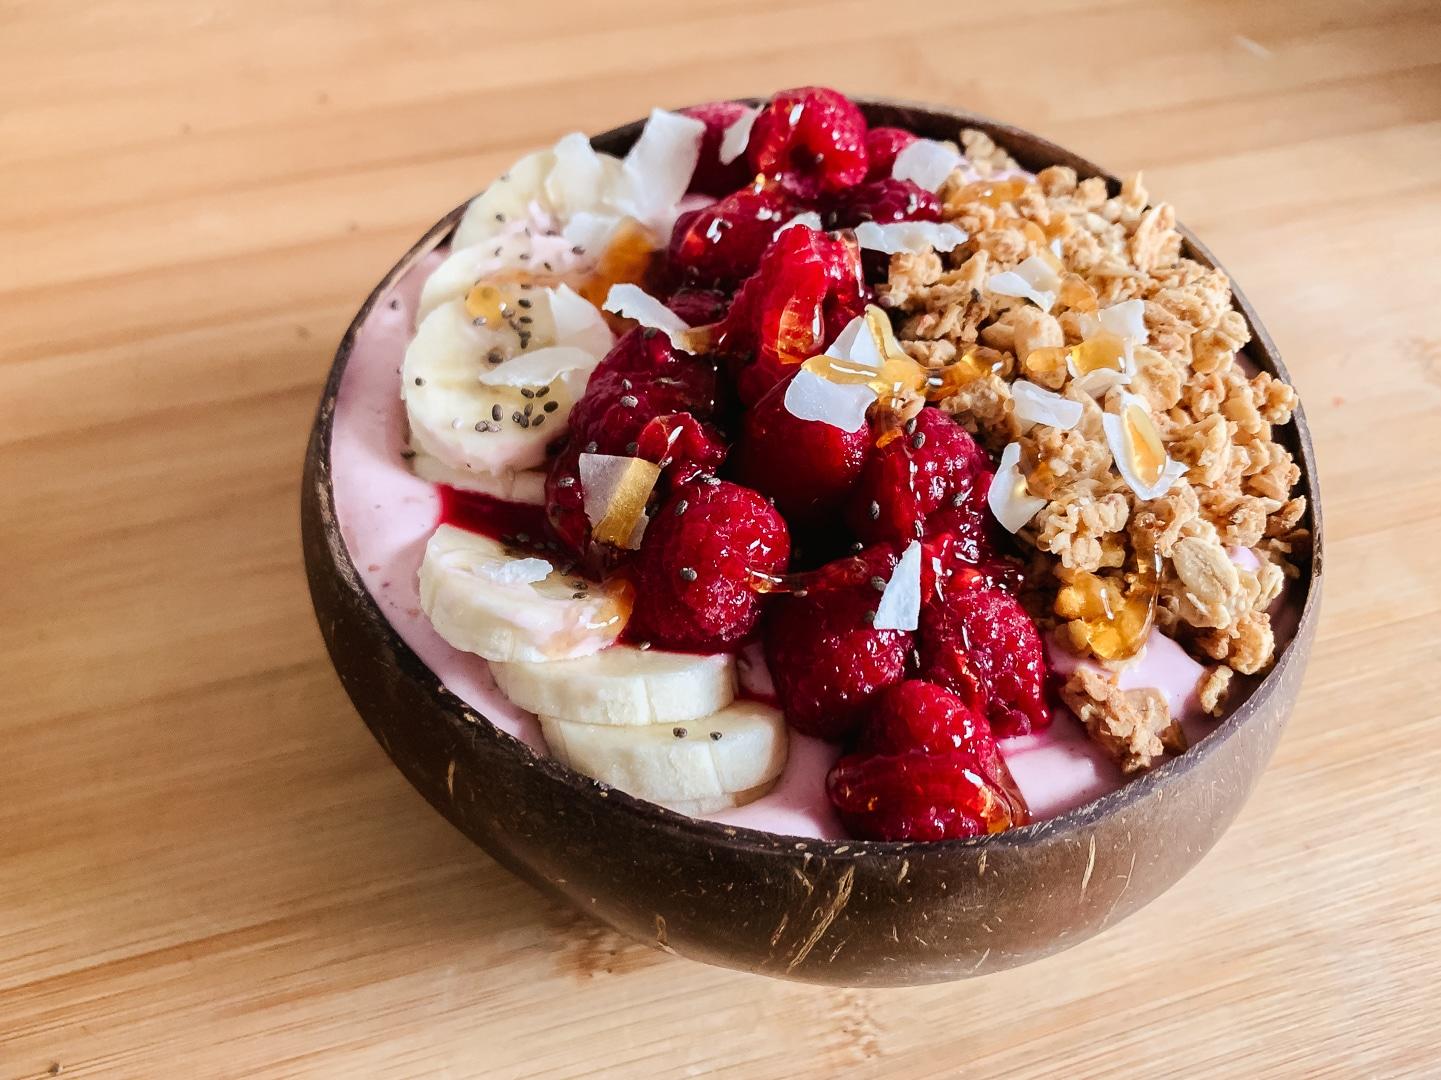 fitnessblog-fitnessblogger-fitness-blog-blogger-stuttgart-pink-protein-smoothie-bowl-kokosnuss-kokos-rezept